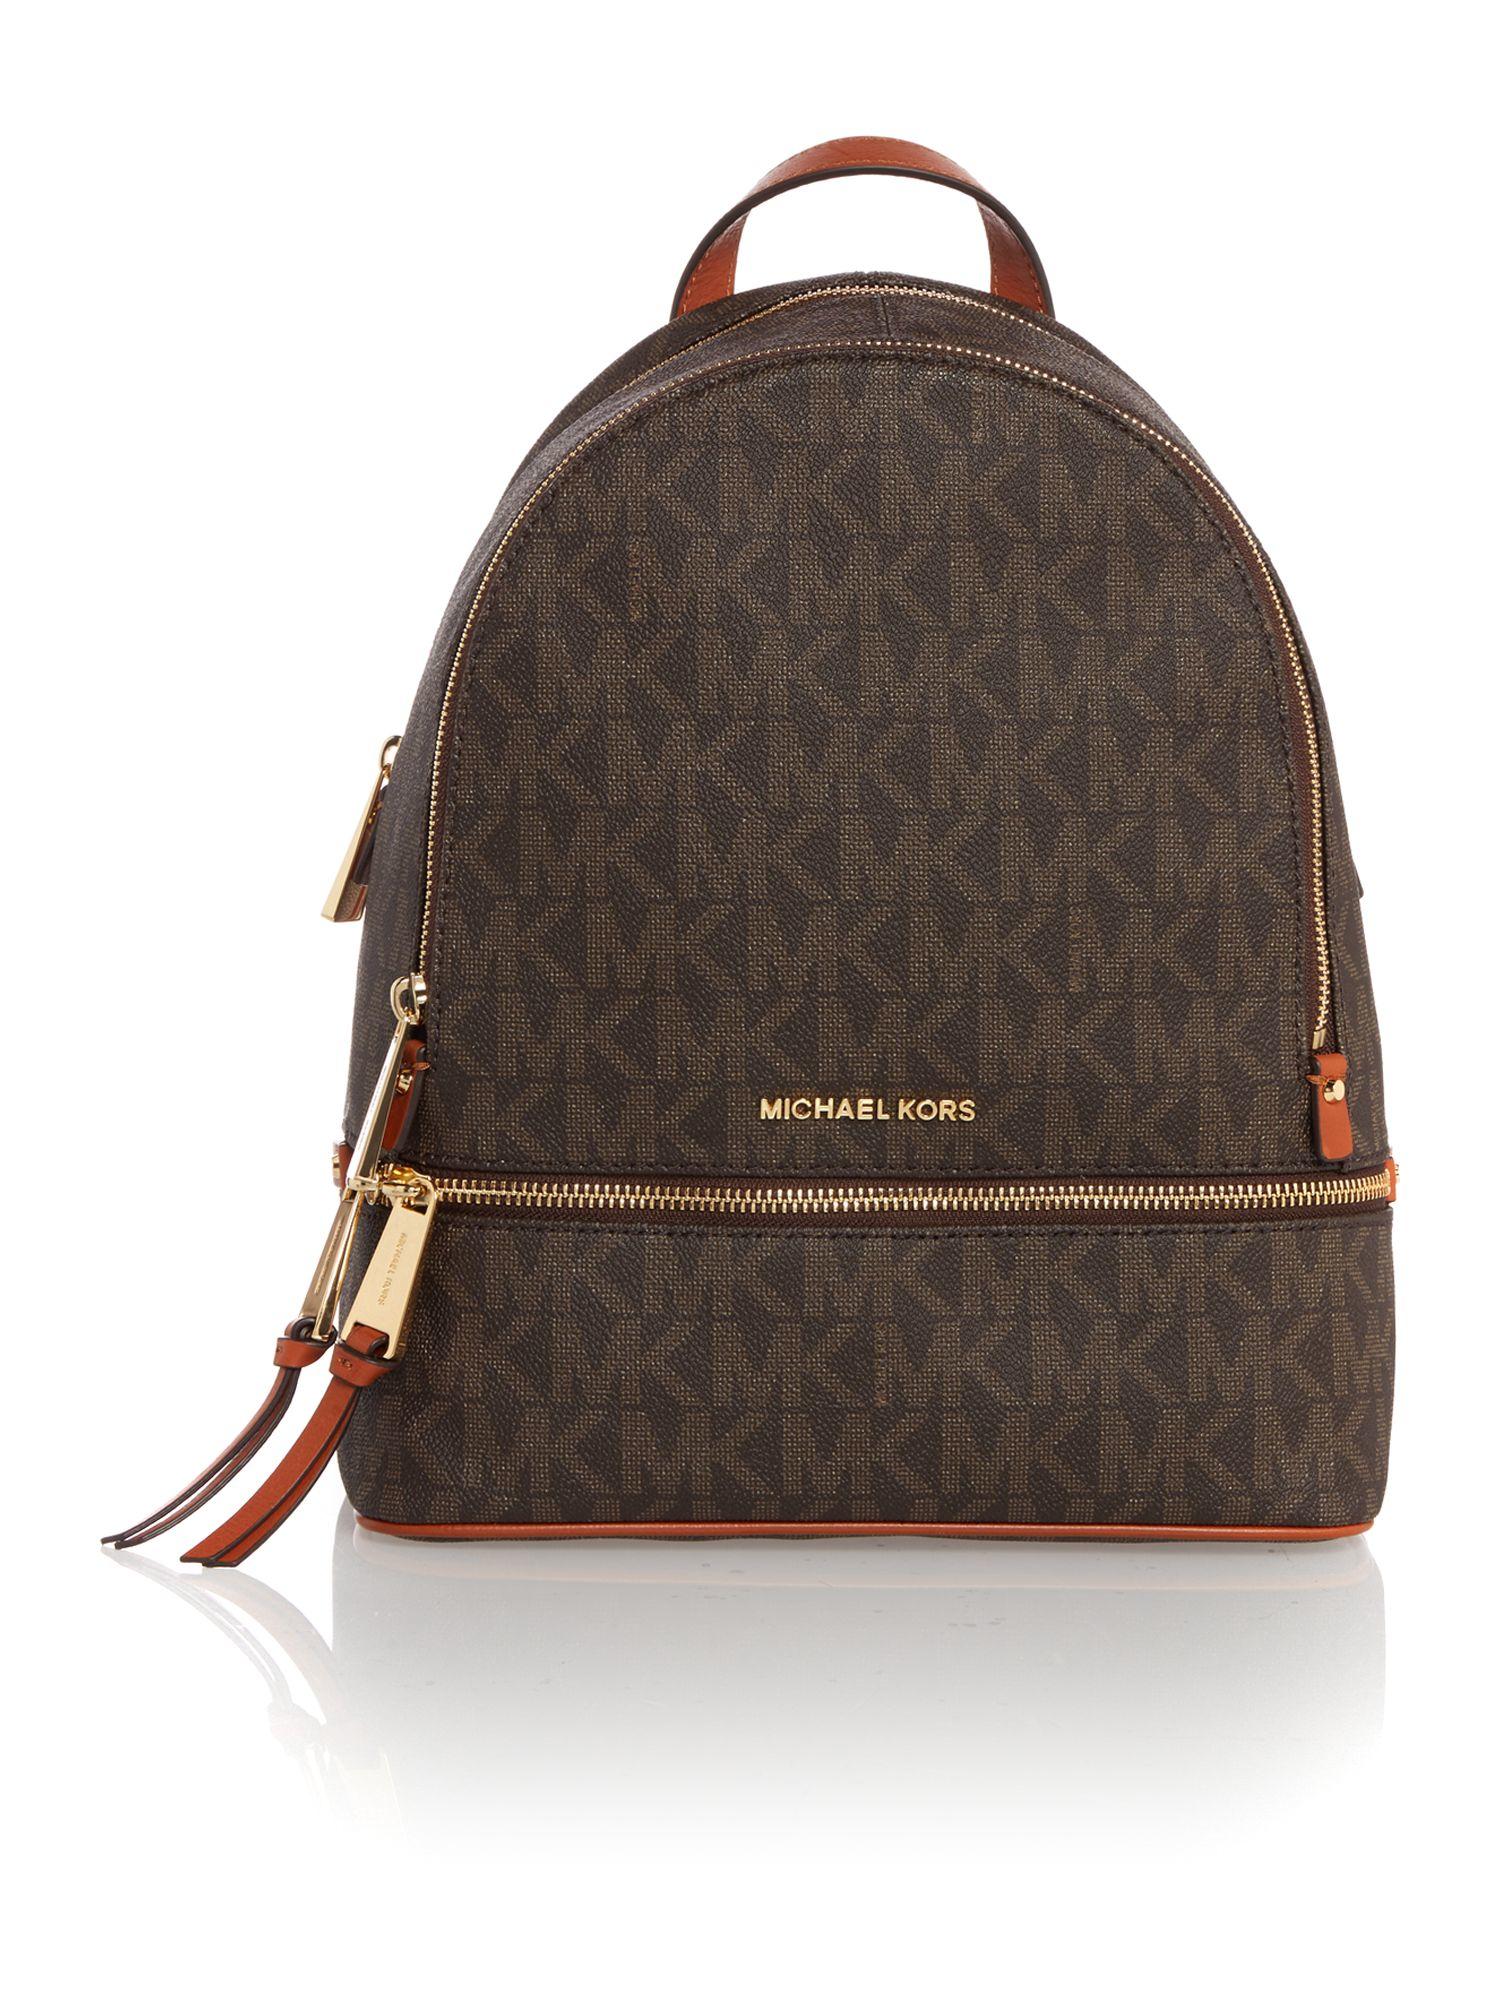 Michael kors Rhea Zip Brown Medium Backpack in Brown | Lyst